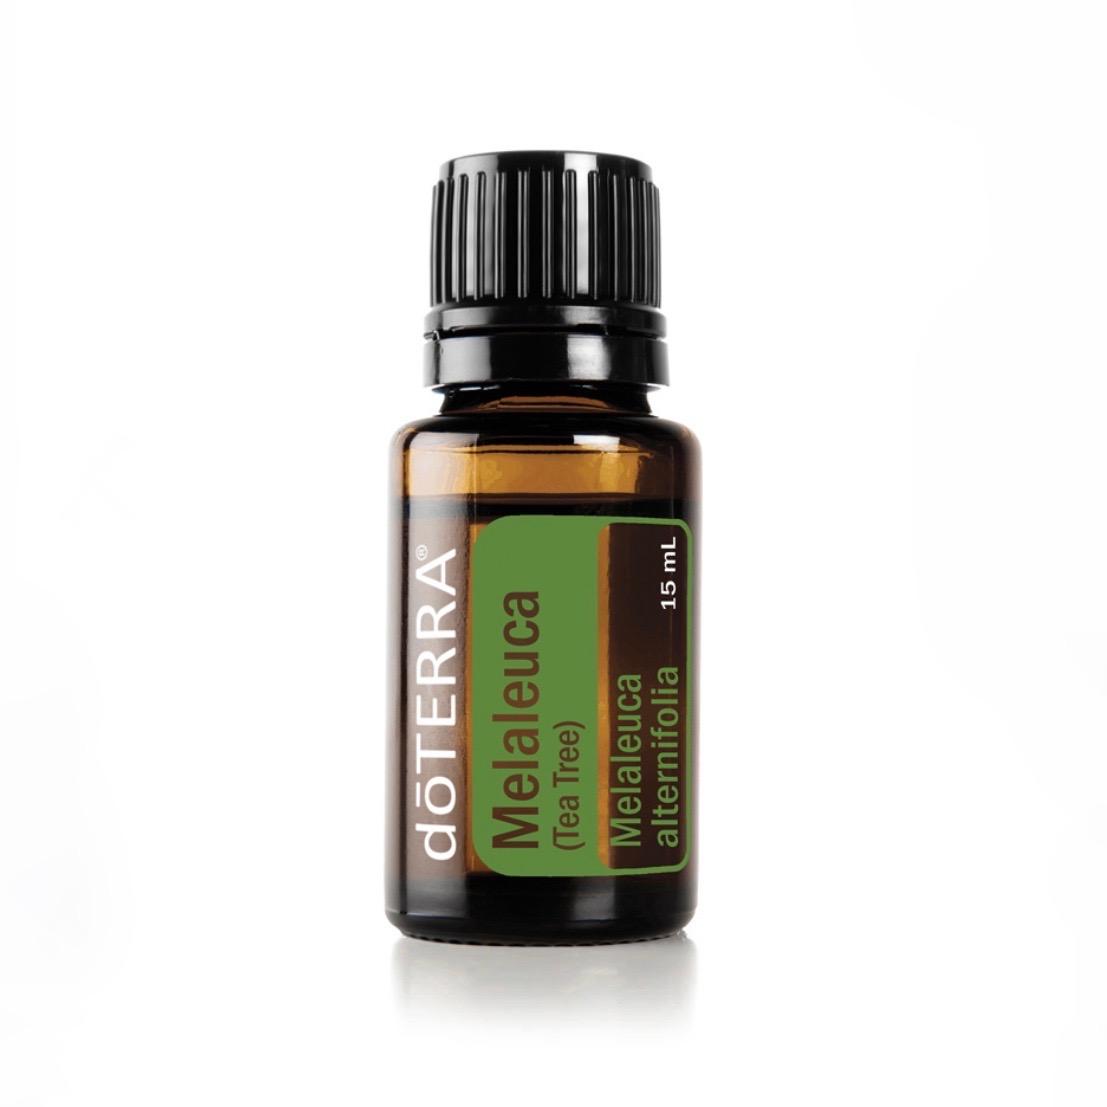 Melaleuca / Tea Tree - Renande egenskaperKombinera 1-2 droppar med din ansiktsrengöring eller fuktkräm för extra rengöringsegenskaper eller applicera på huden efter rakning.Applicera på naglar och tånaglar för att hålla naglarna rena och friska.Perfekt att rengöra småsår medAddera några droppar till ditt schampo eller massera in i hårbotten.Addera en droppe till din tandkräm eller gurgla med vatten för en snabb och enkel munsköljning.Använd som en effektiv ytrengörare.Avvisar småkryp naturligt.